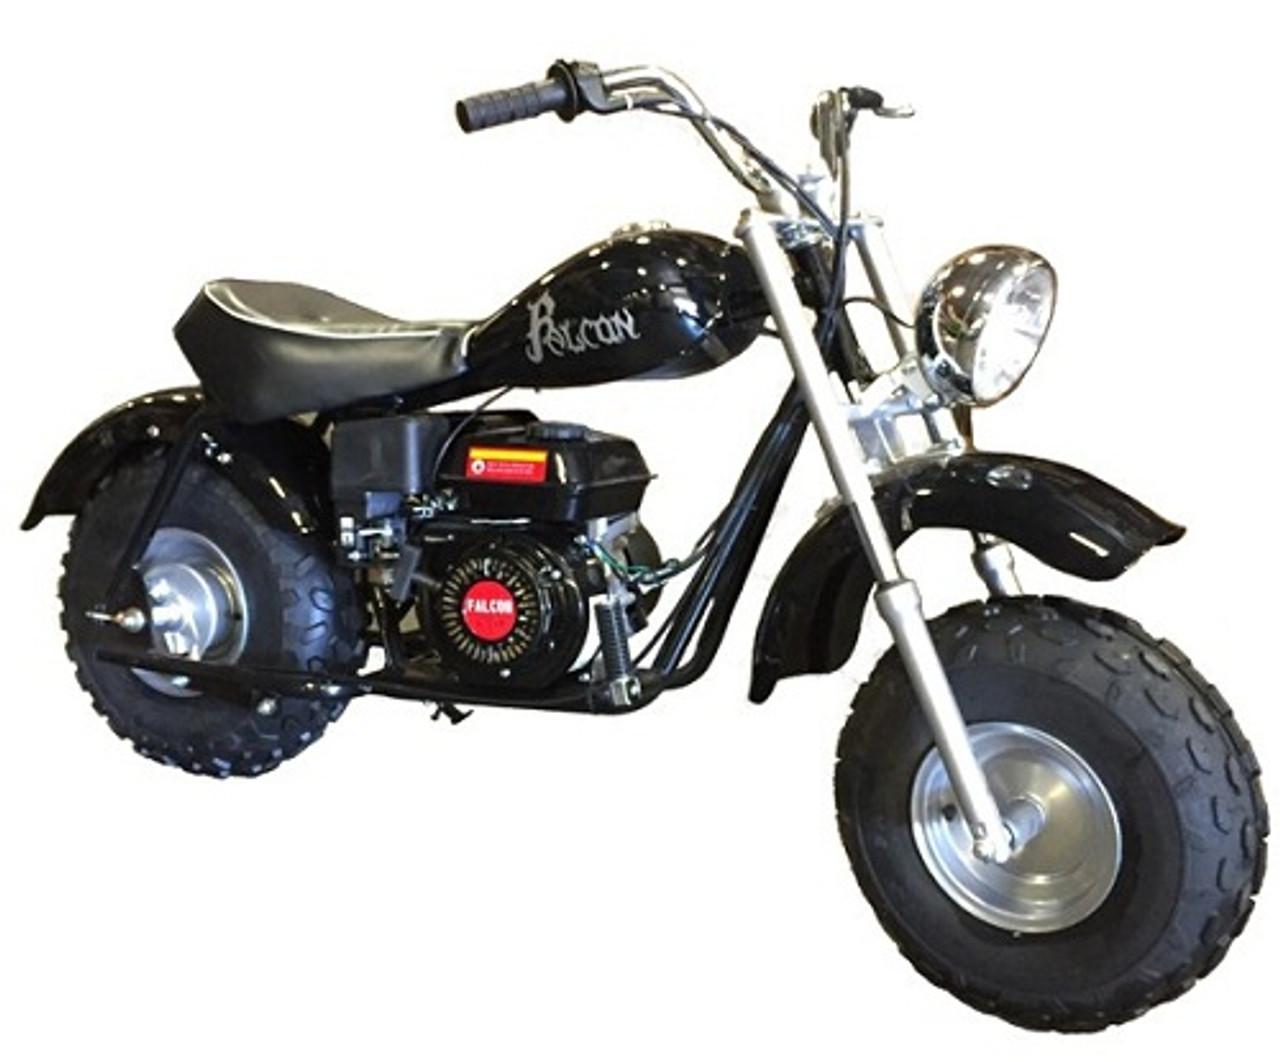 Ricky Power Sports Falcone mini bike 200cc